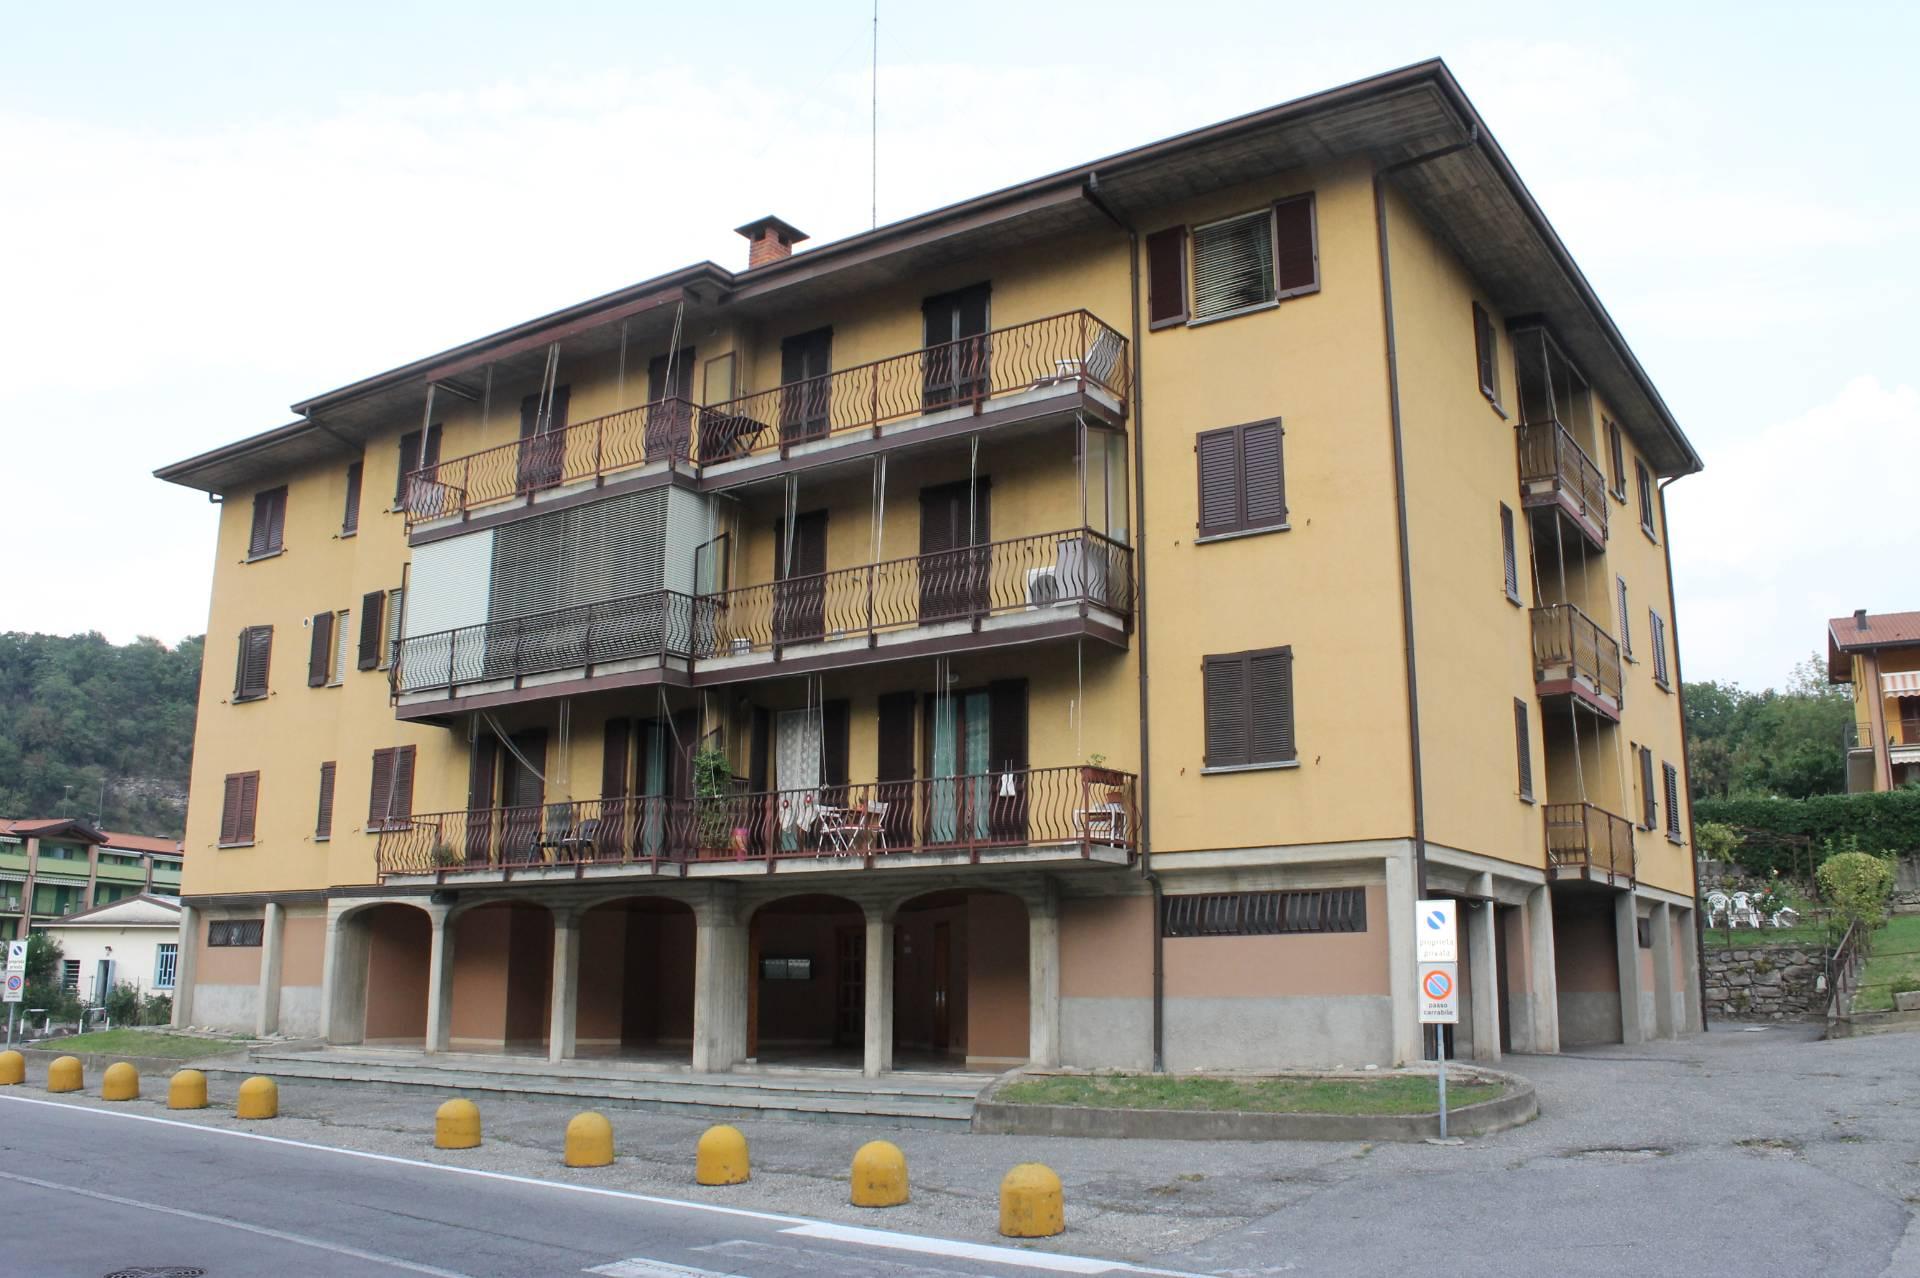 vendita appartamento ponte lambro   75000 euro  2 locali  71 mq